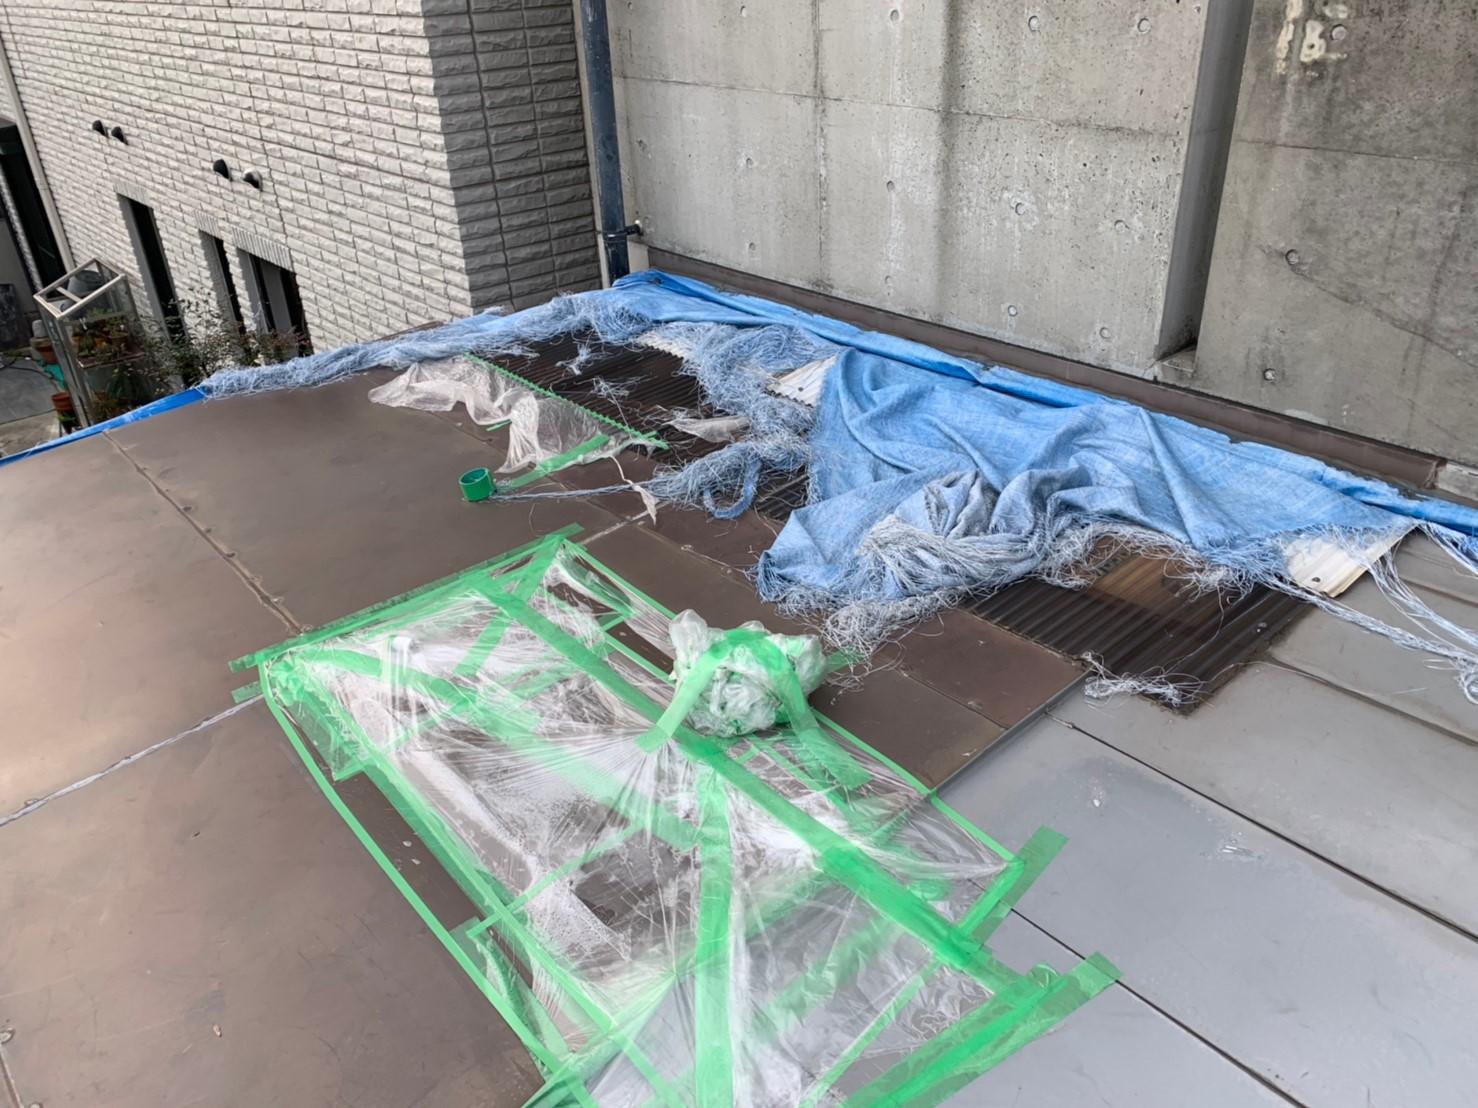 明石市で数年前の雨漏りを解決するためトタン屋根にカバー工法しました